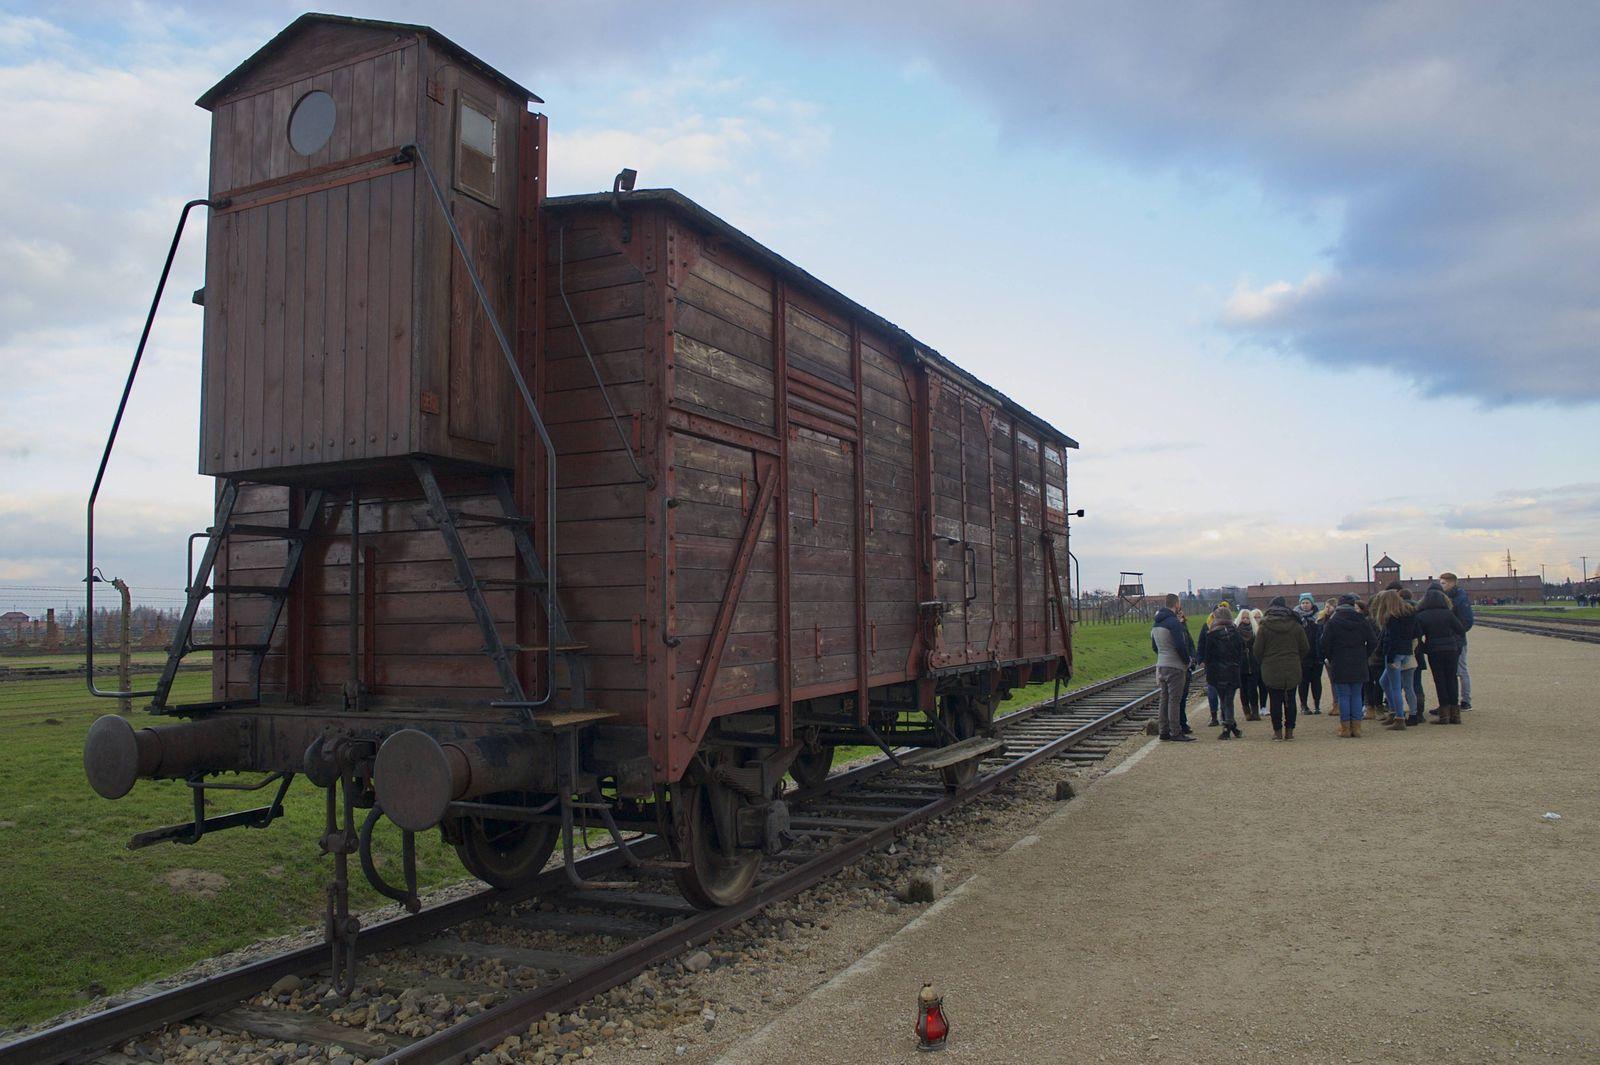 Auschwitz Schülergruppe Deutschland Auschwitz Birkenau 26 11 204 Studienfahrt der gymnasialen Ob